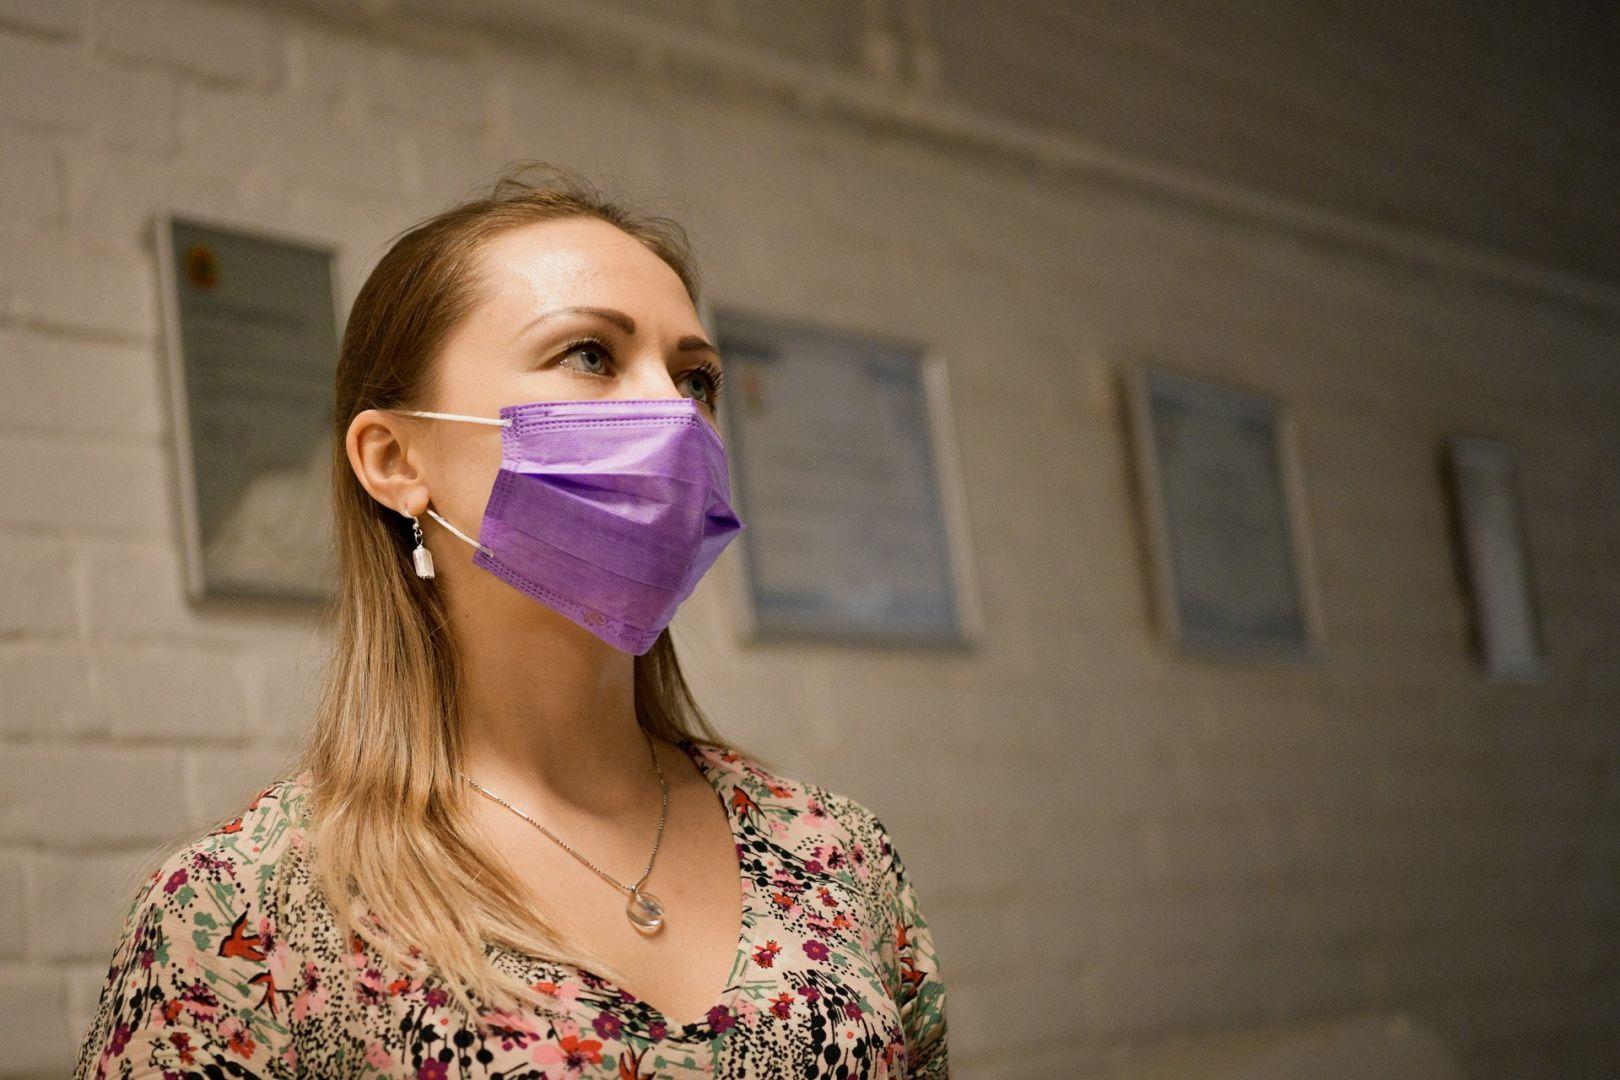 Вмире откоронавируса излечились практически  1,5 млн  человек